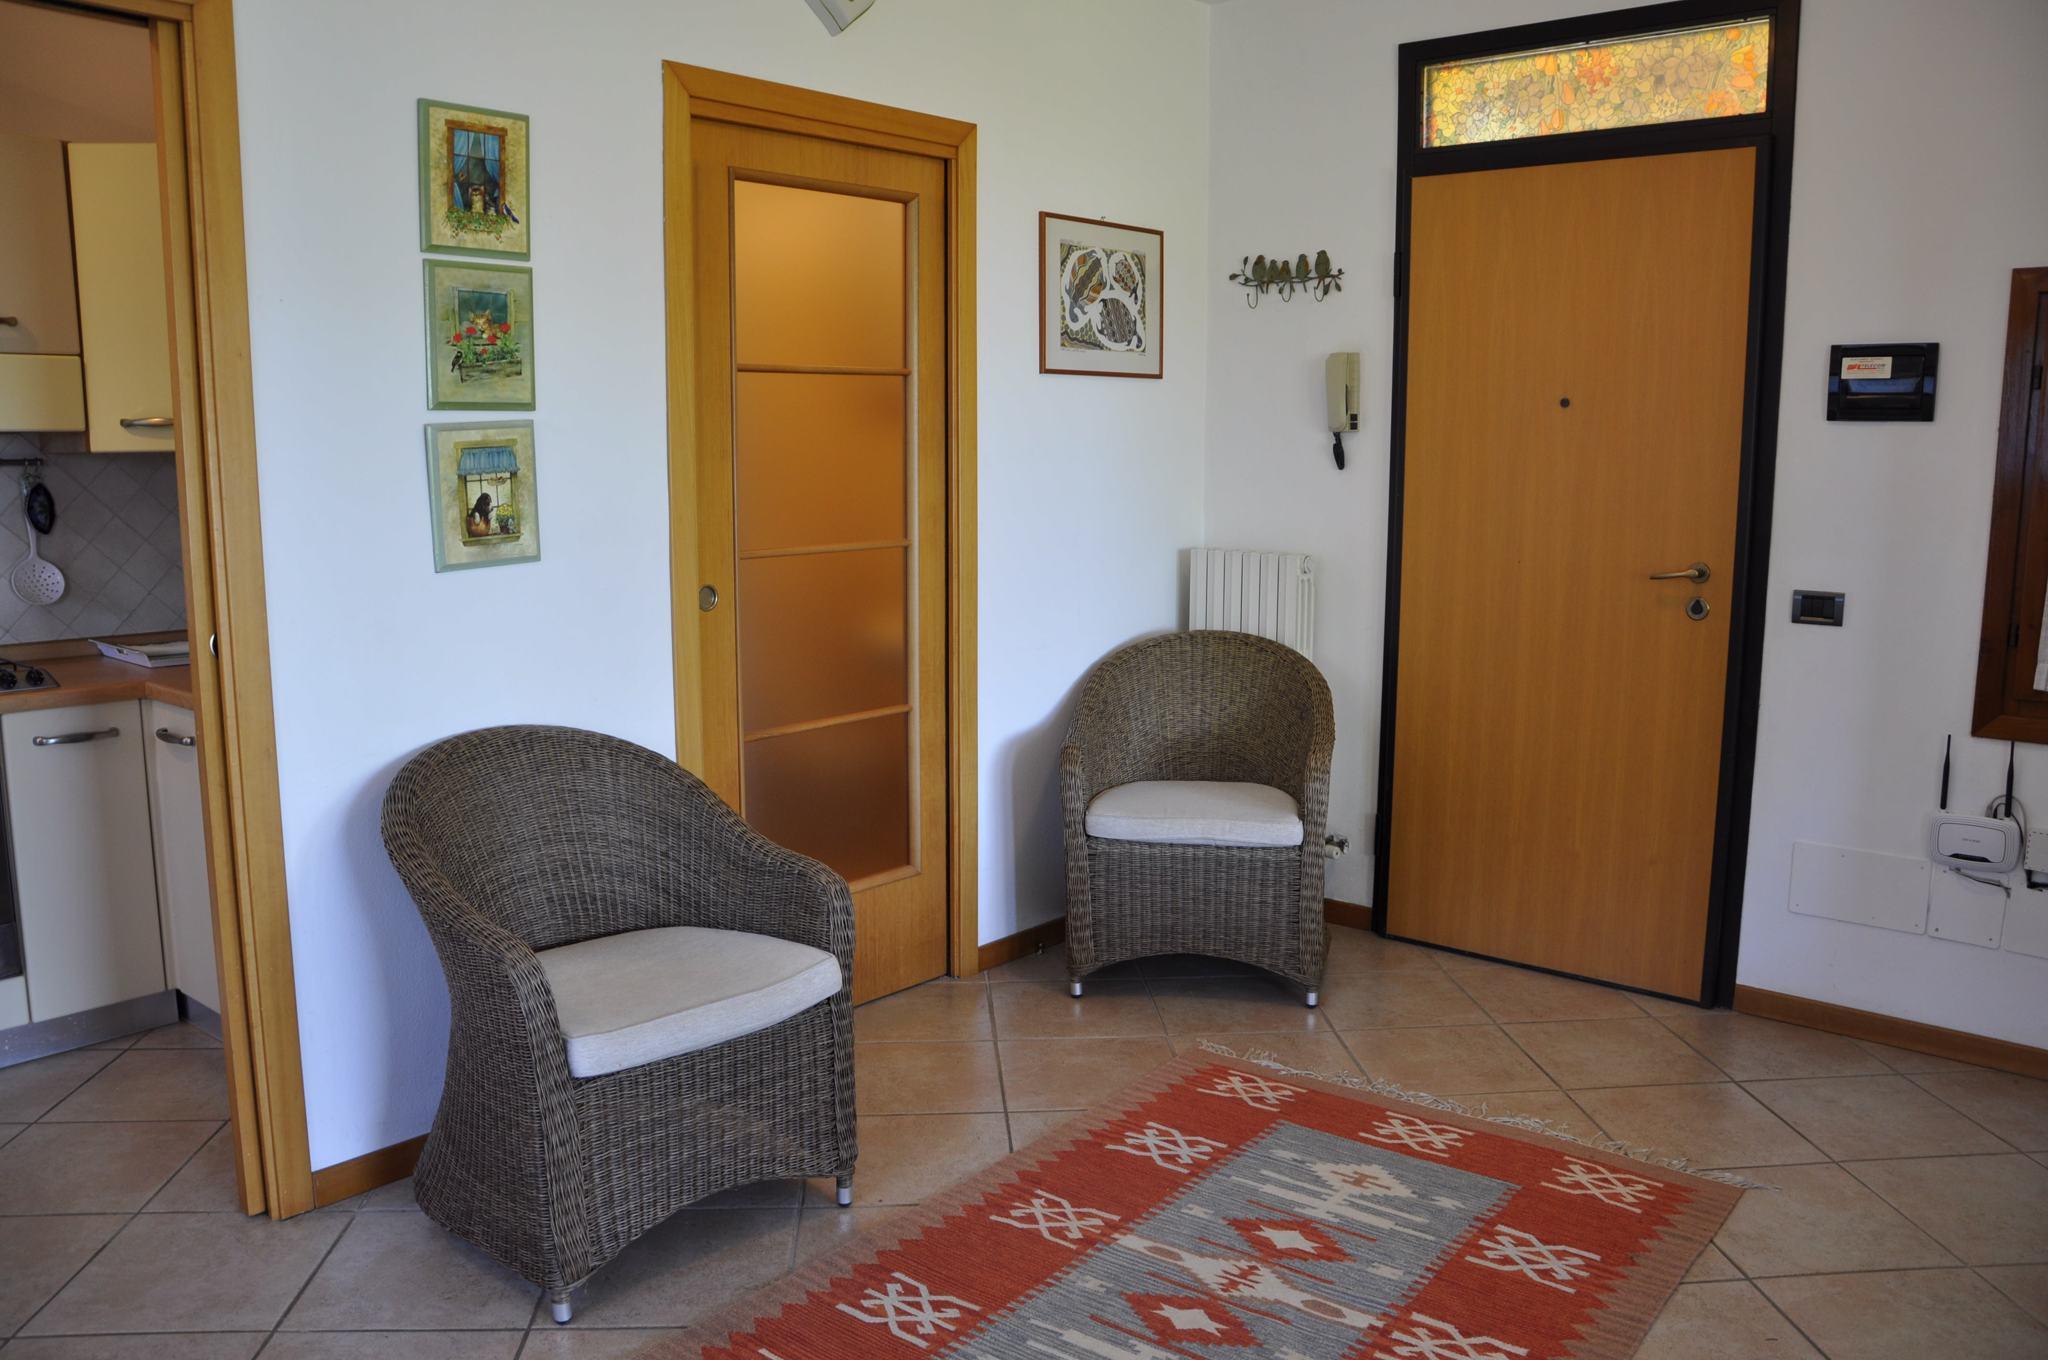 Ferienwohnung con terrazza (488452), Lazise, Gardasee, Venetien, Italien, Bild 14